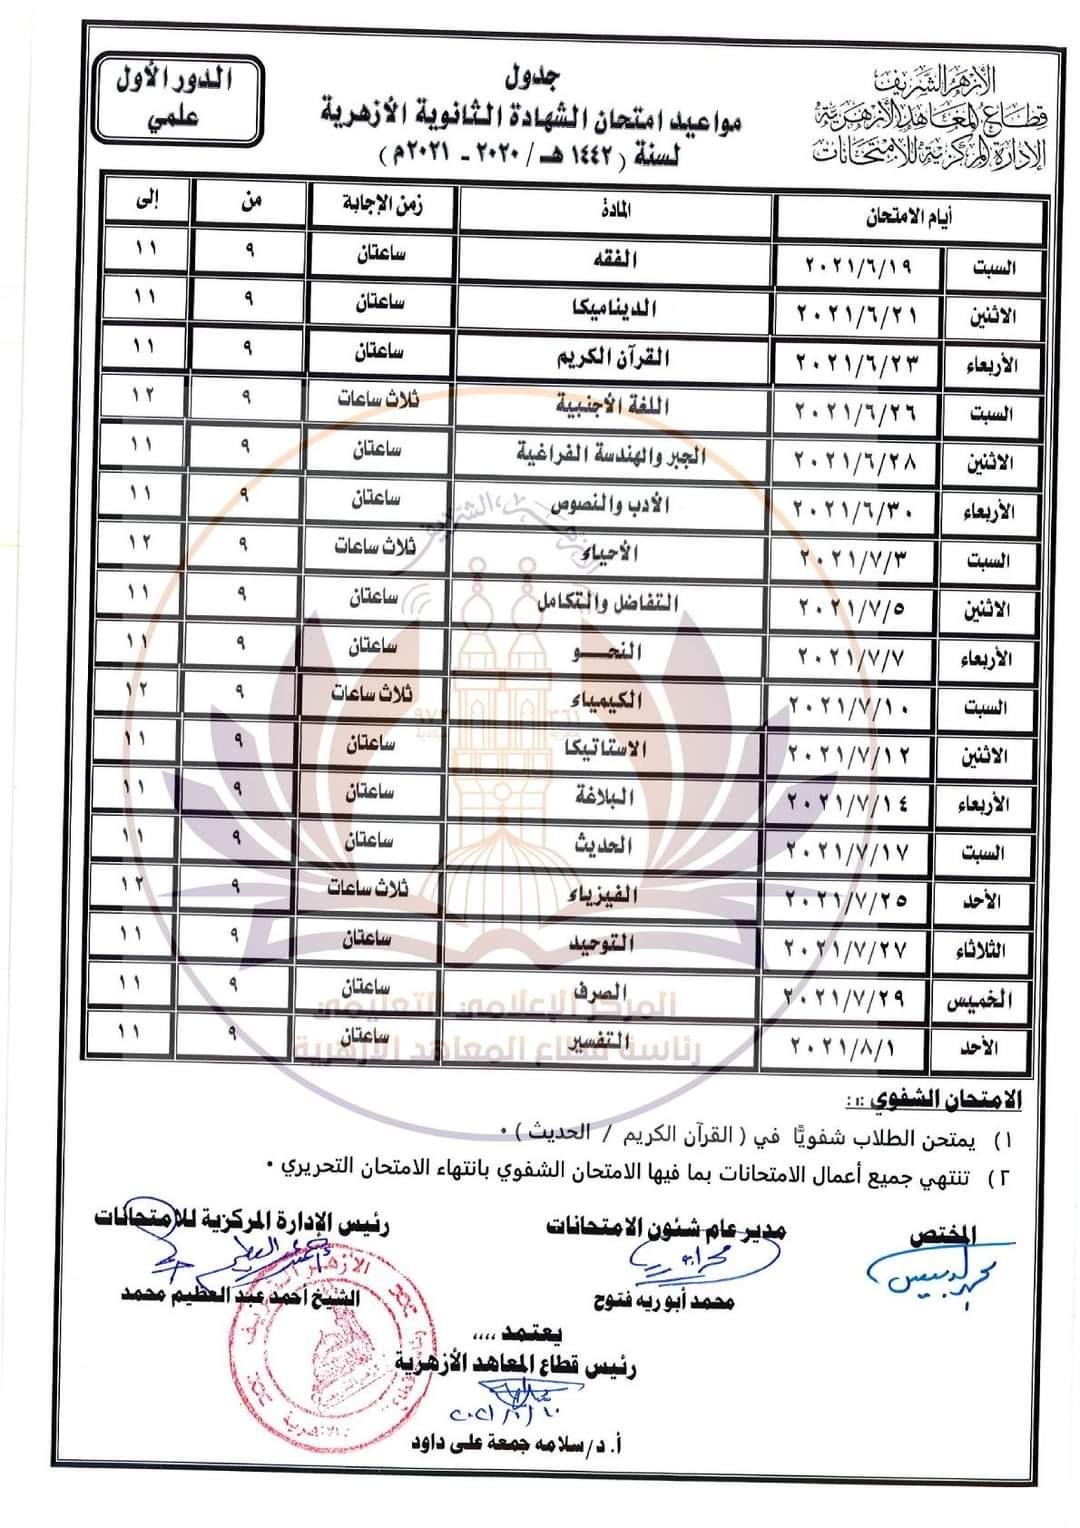 جدول امتحانات الثانوية الأزهرية (3)